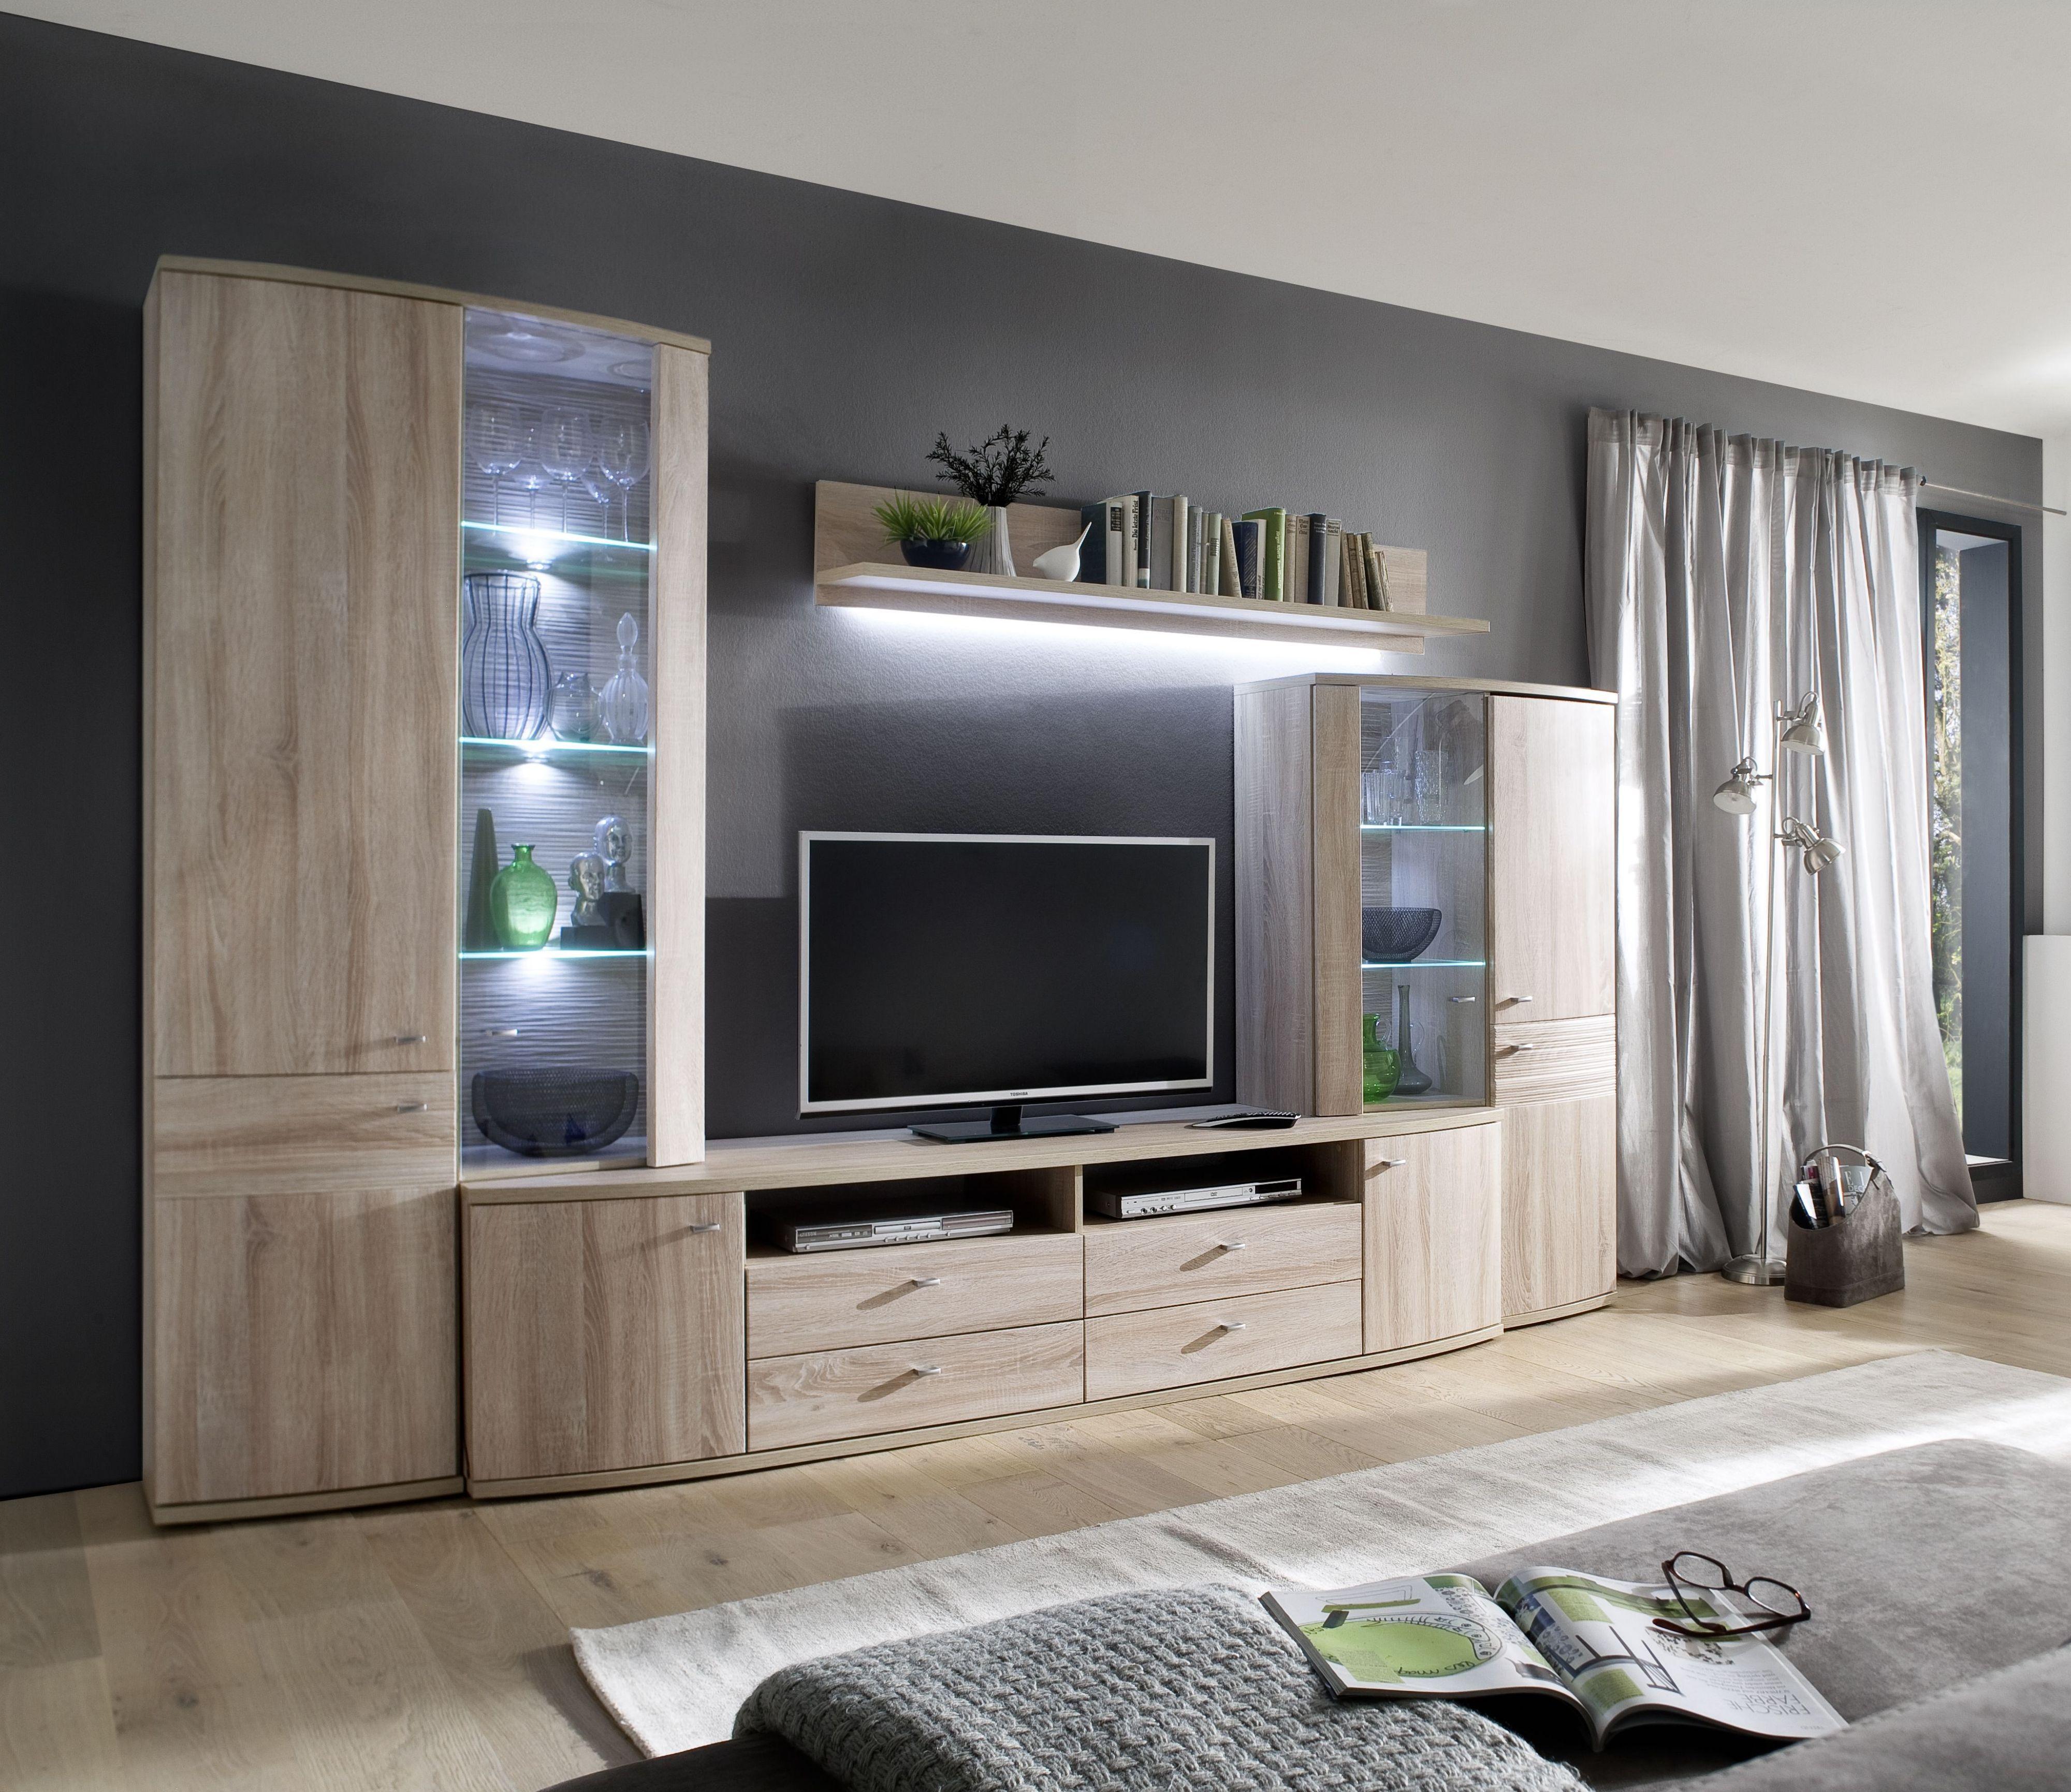 Wohnwand Sonoma Eiche Woody 153 00202 Holz Modern Eiche Wohnwande Zum Bestpreis Kaufen